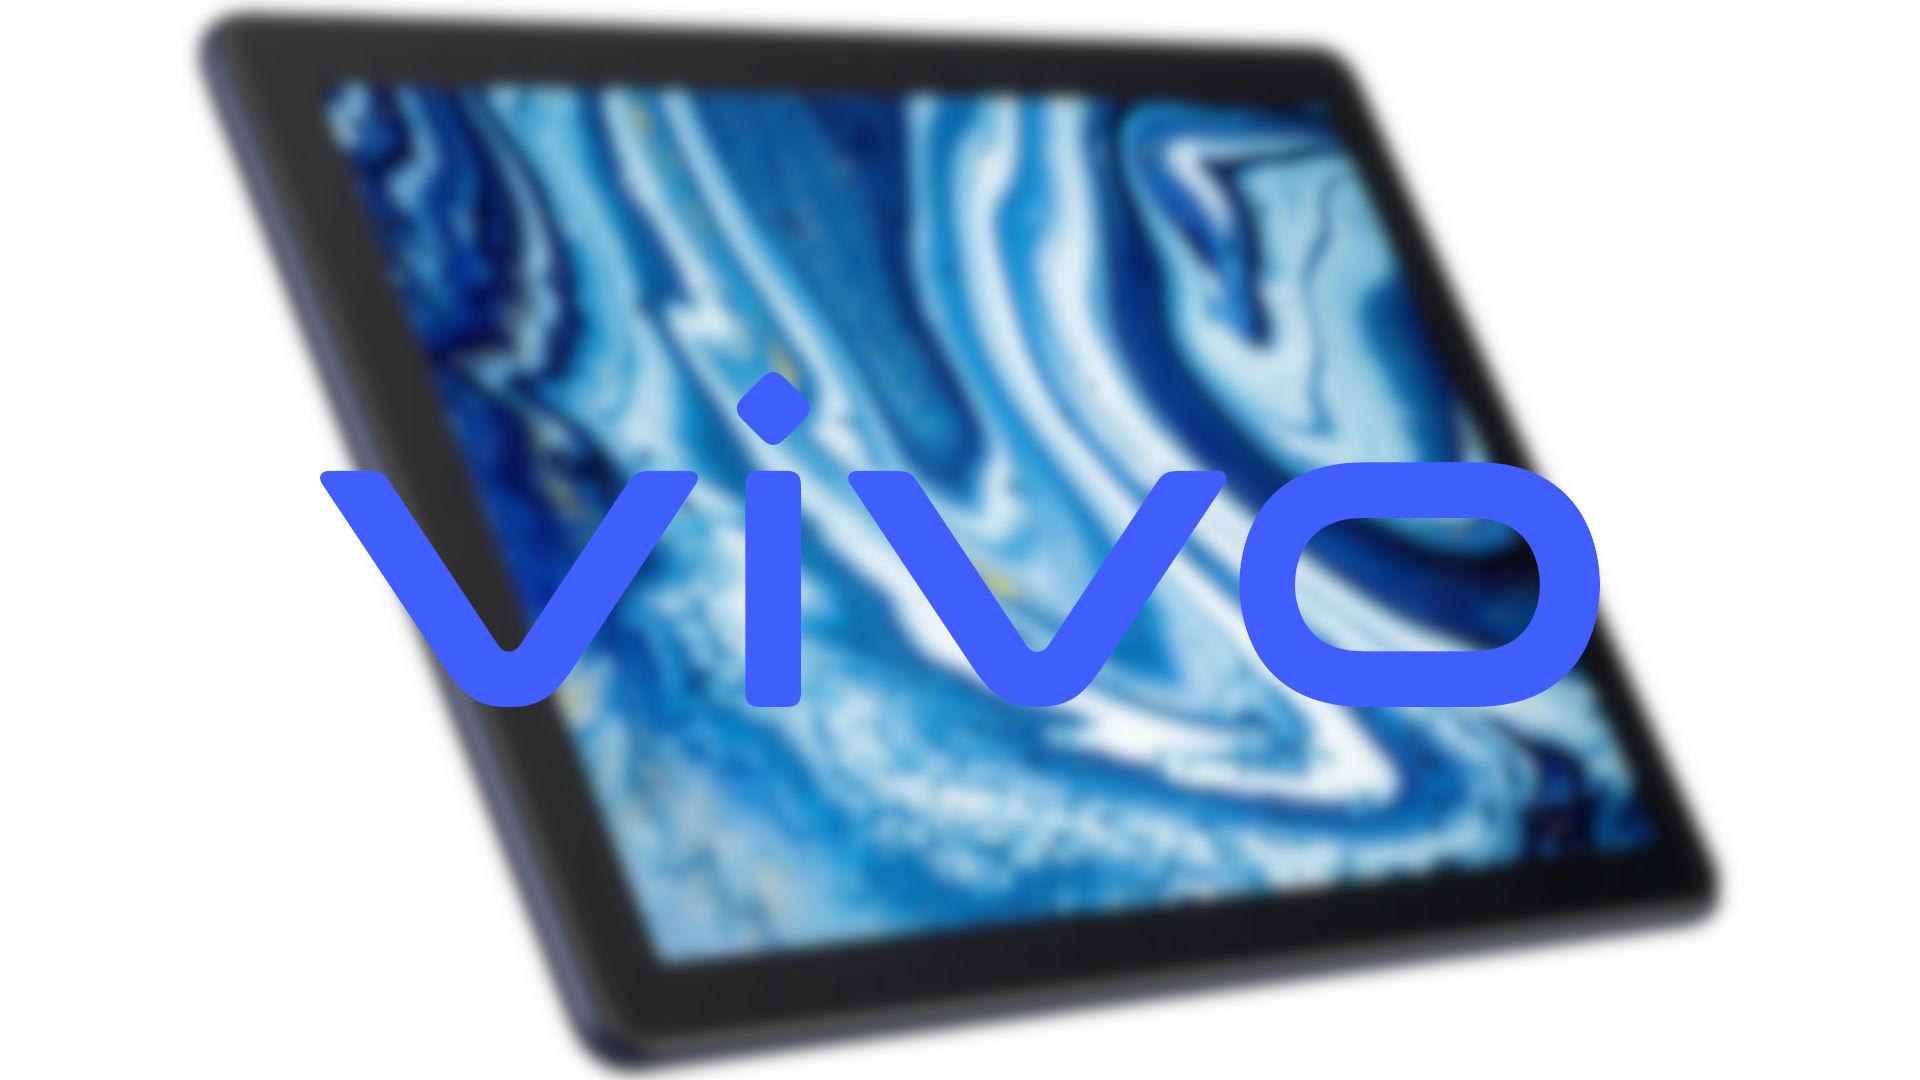 Не только Realme: Vivo тоже готовит к выходу свой первый планшет